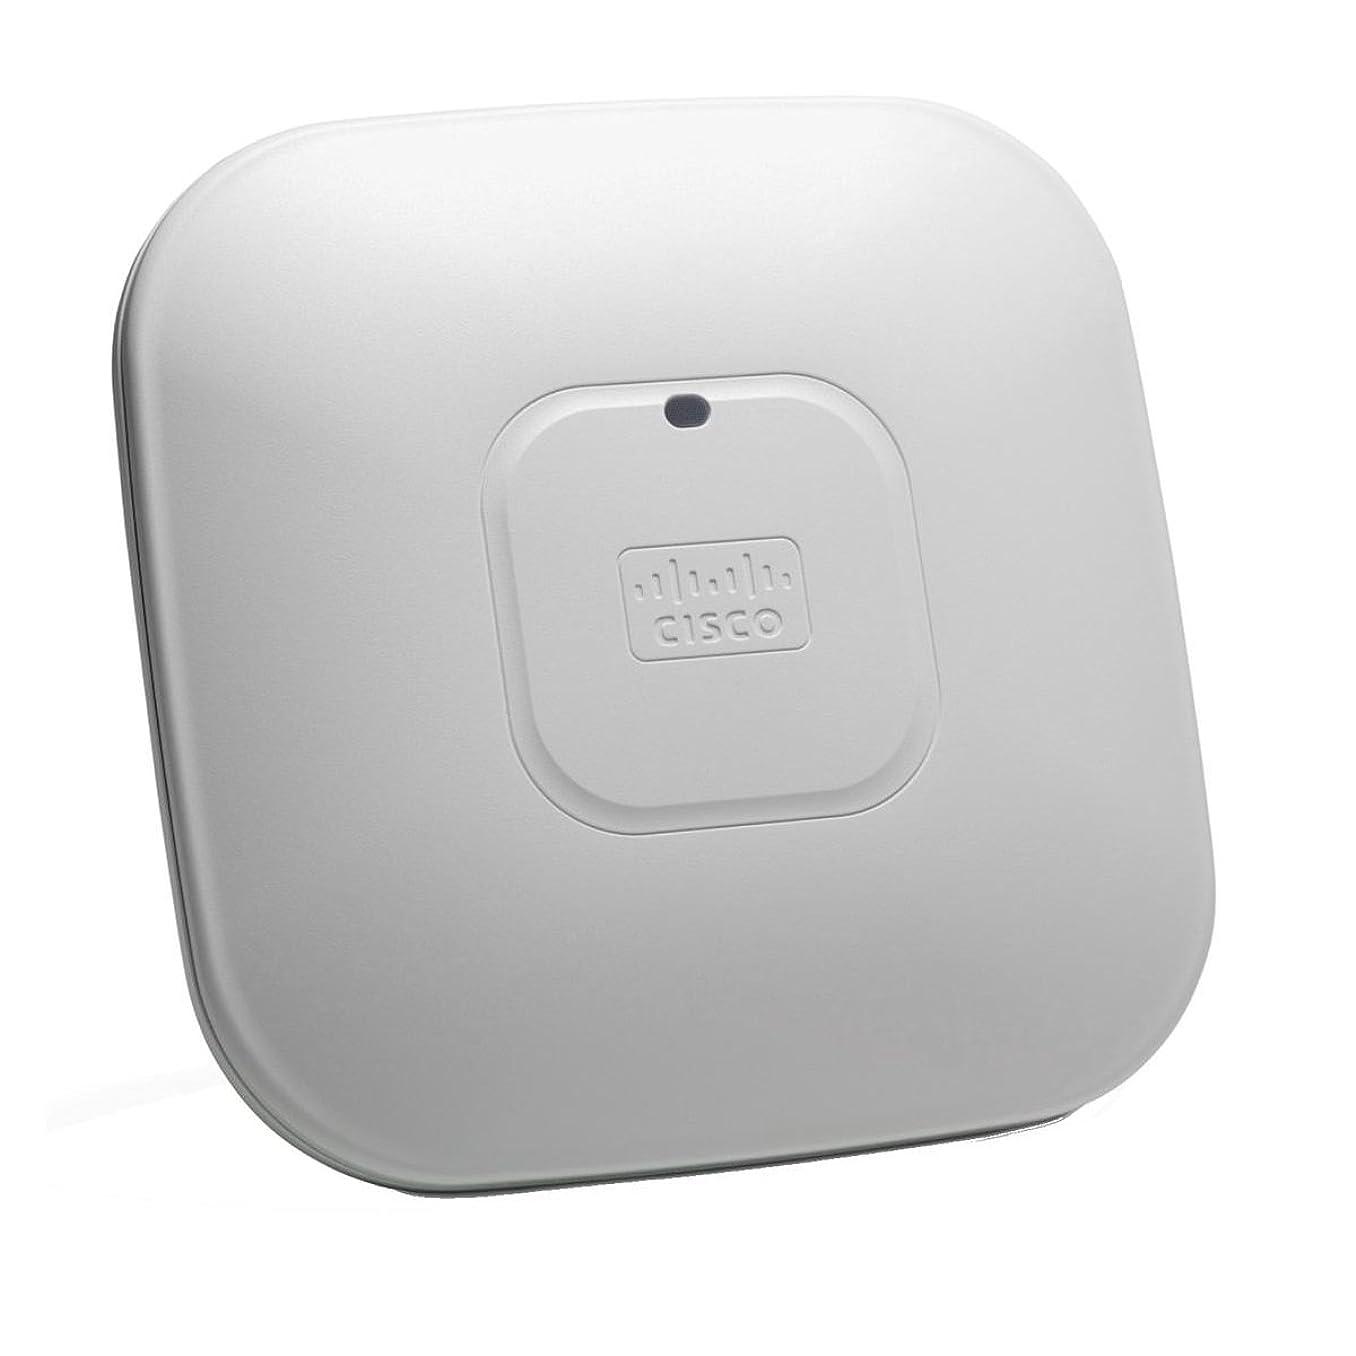 エンゲージメント加害者元のAIR-CAP2602I-AK910 Cisco Aironet 2602I IEEE 802.11n 450 Mbps Wireless Access ...